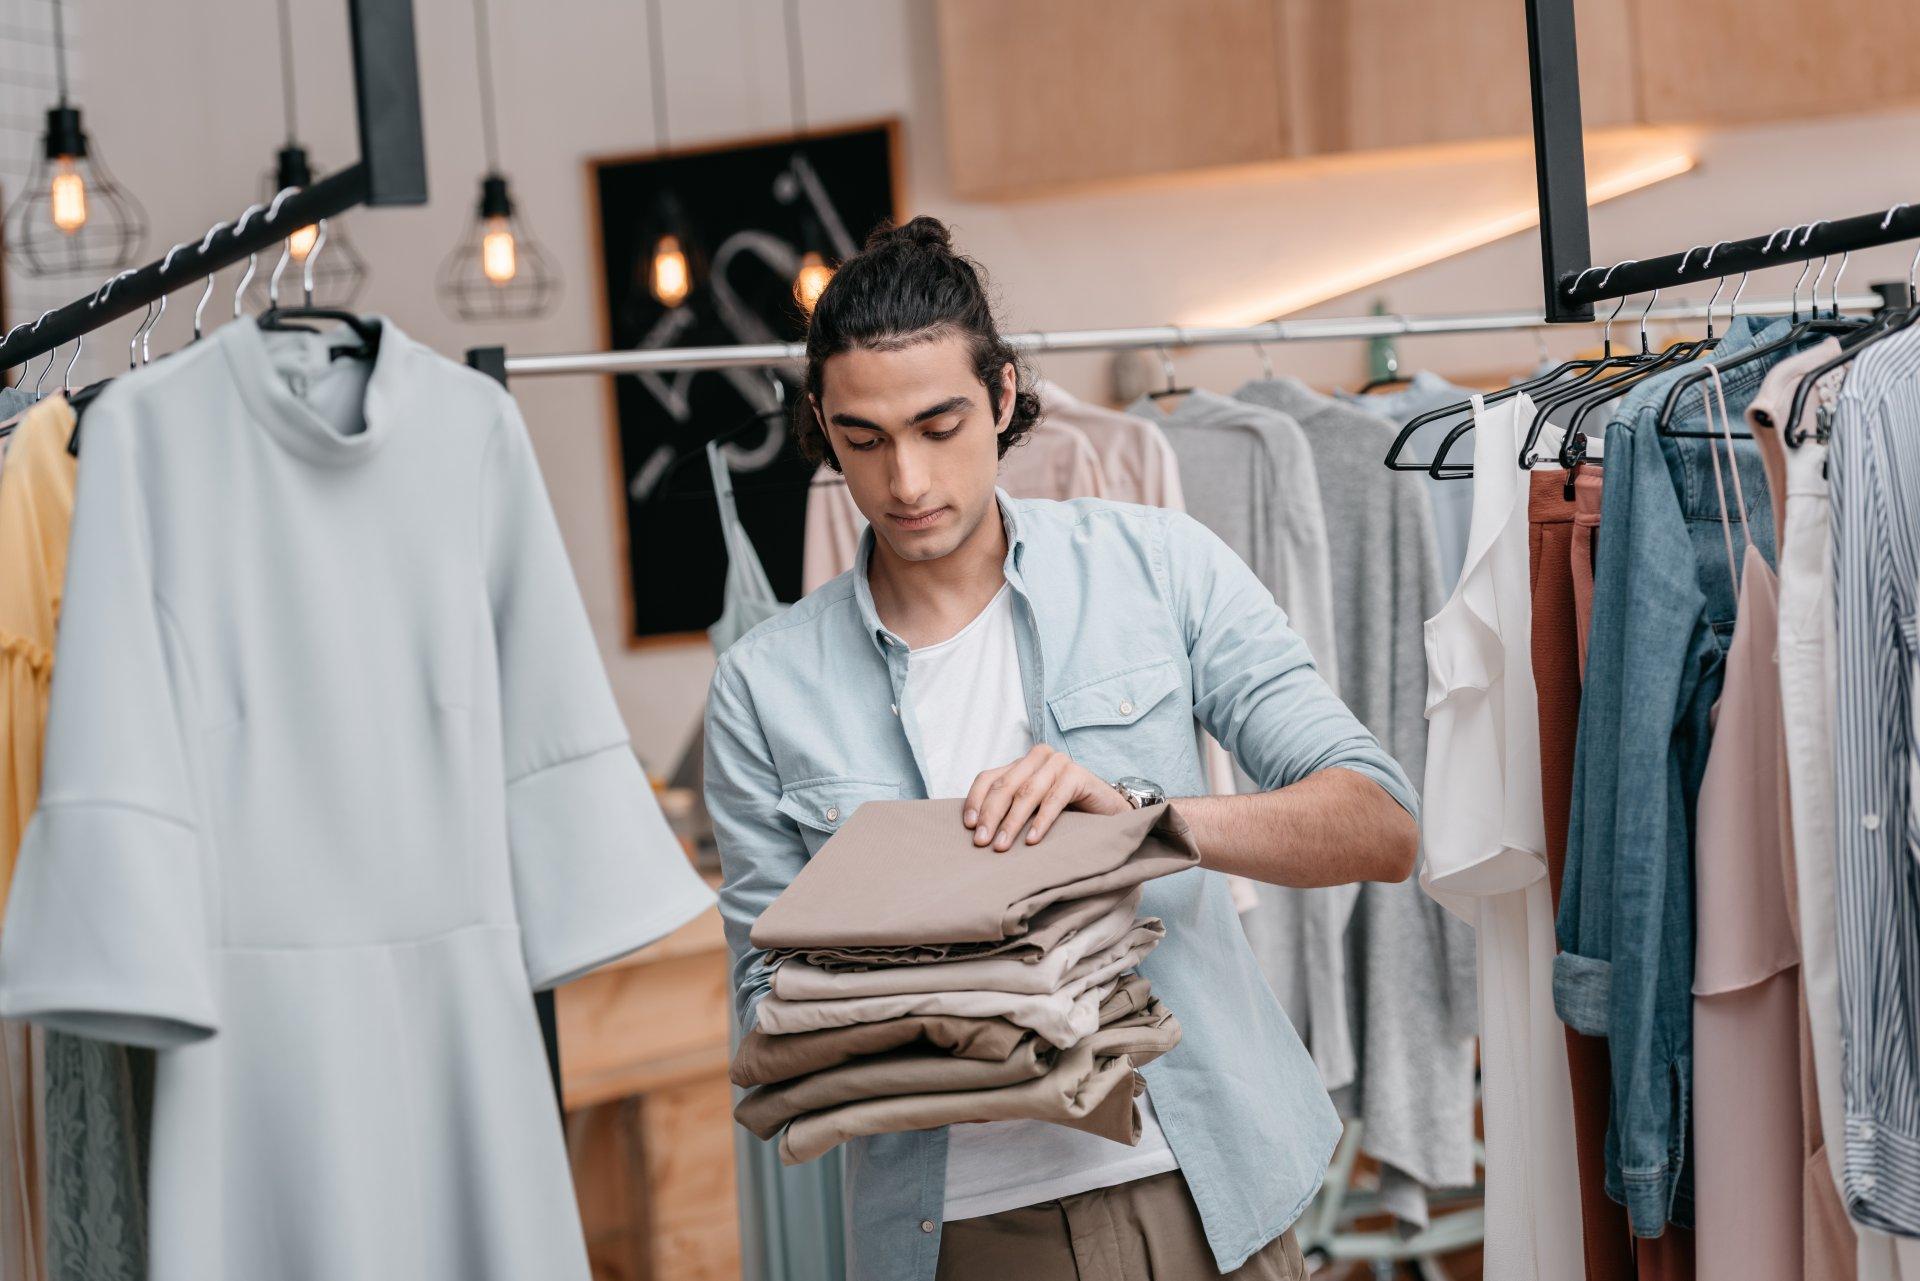 Jonge man die broeken aan het vouwen is in een winkel omringd door andere kledingstukken. Afbeelding is puur decoratief.